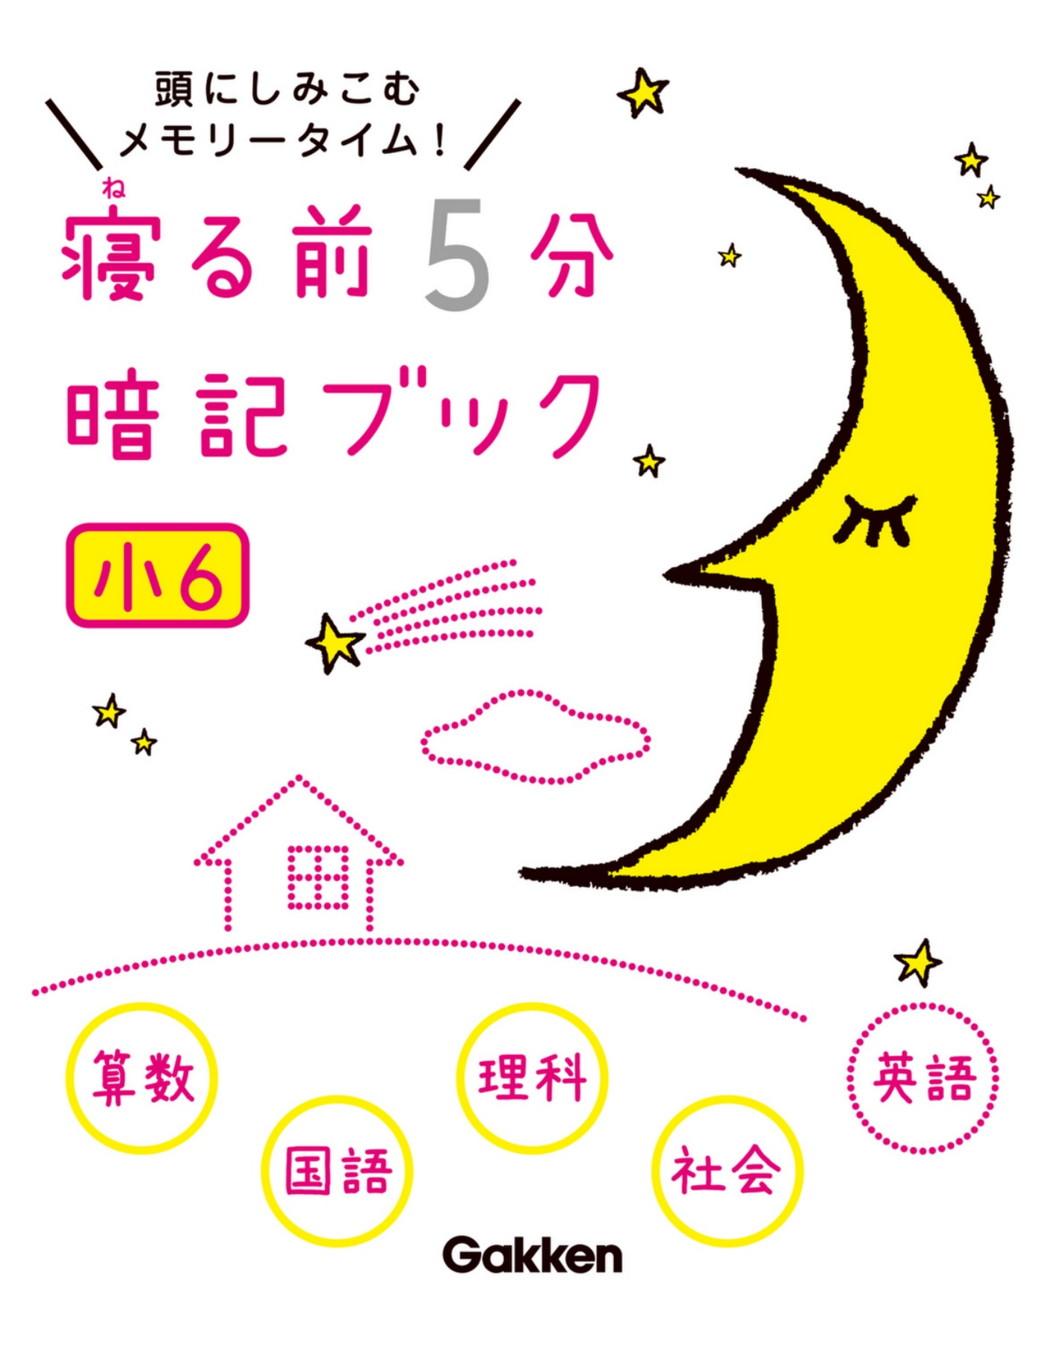 【書評】小6 算数・国語・理科・社会・英語 寝る前5分暗記ブック